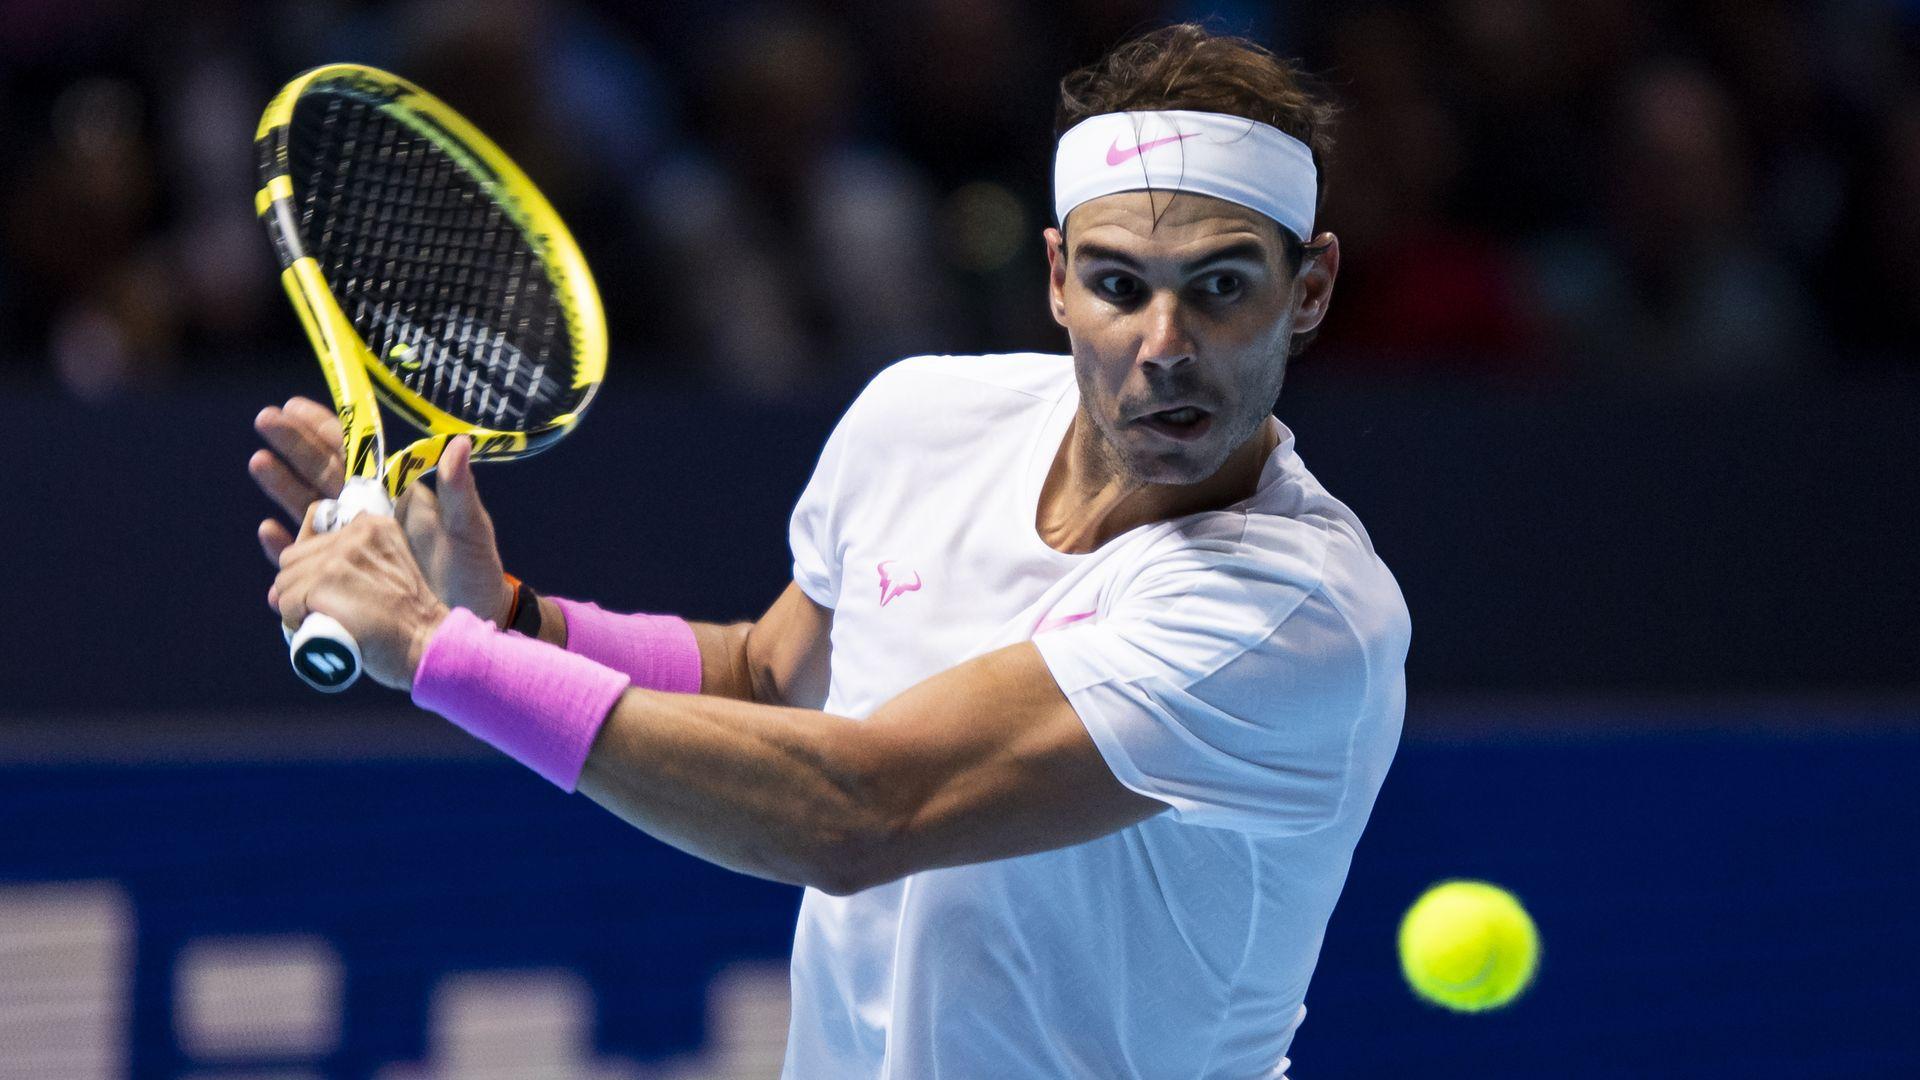 Rafael Nadal of Spain.'